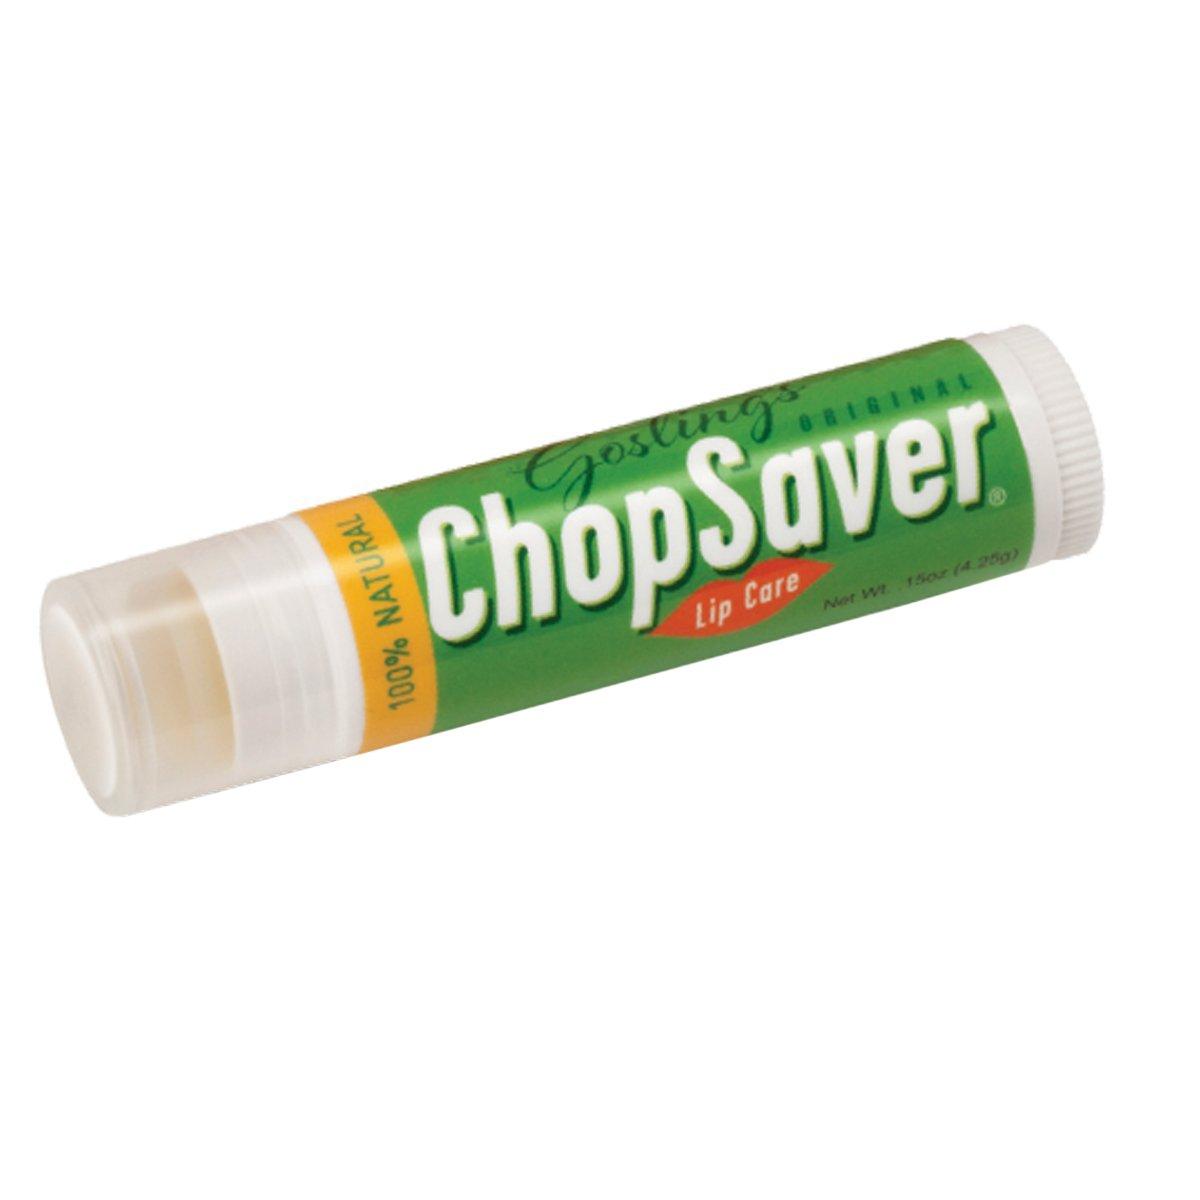 CHOP CHOP Chop-Saver Lip Balm AriaLights INC